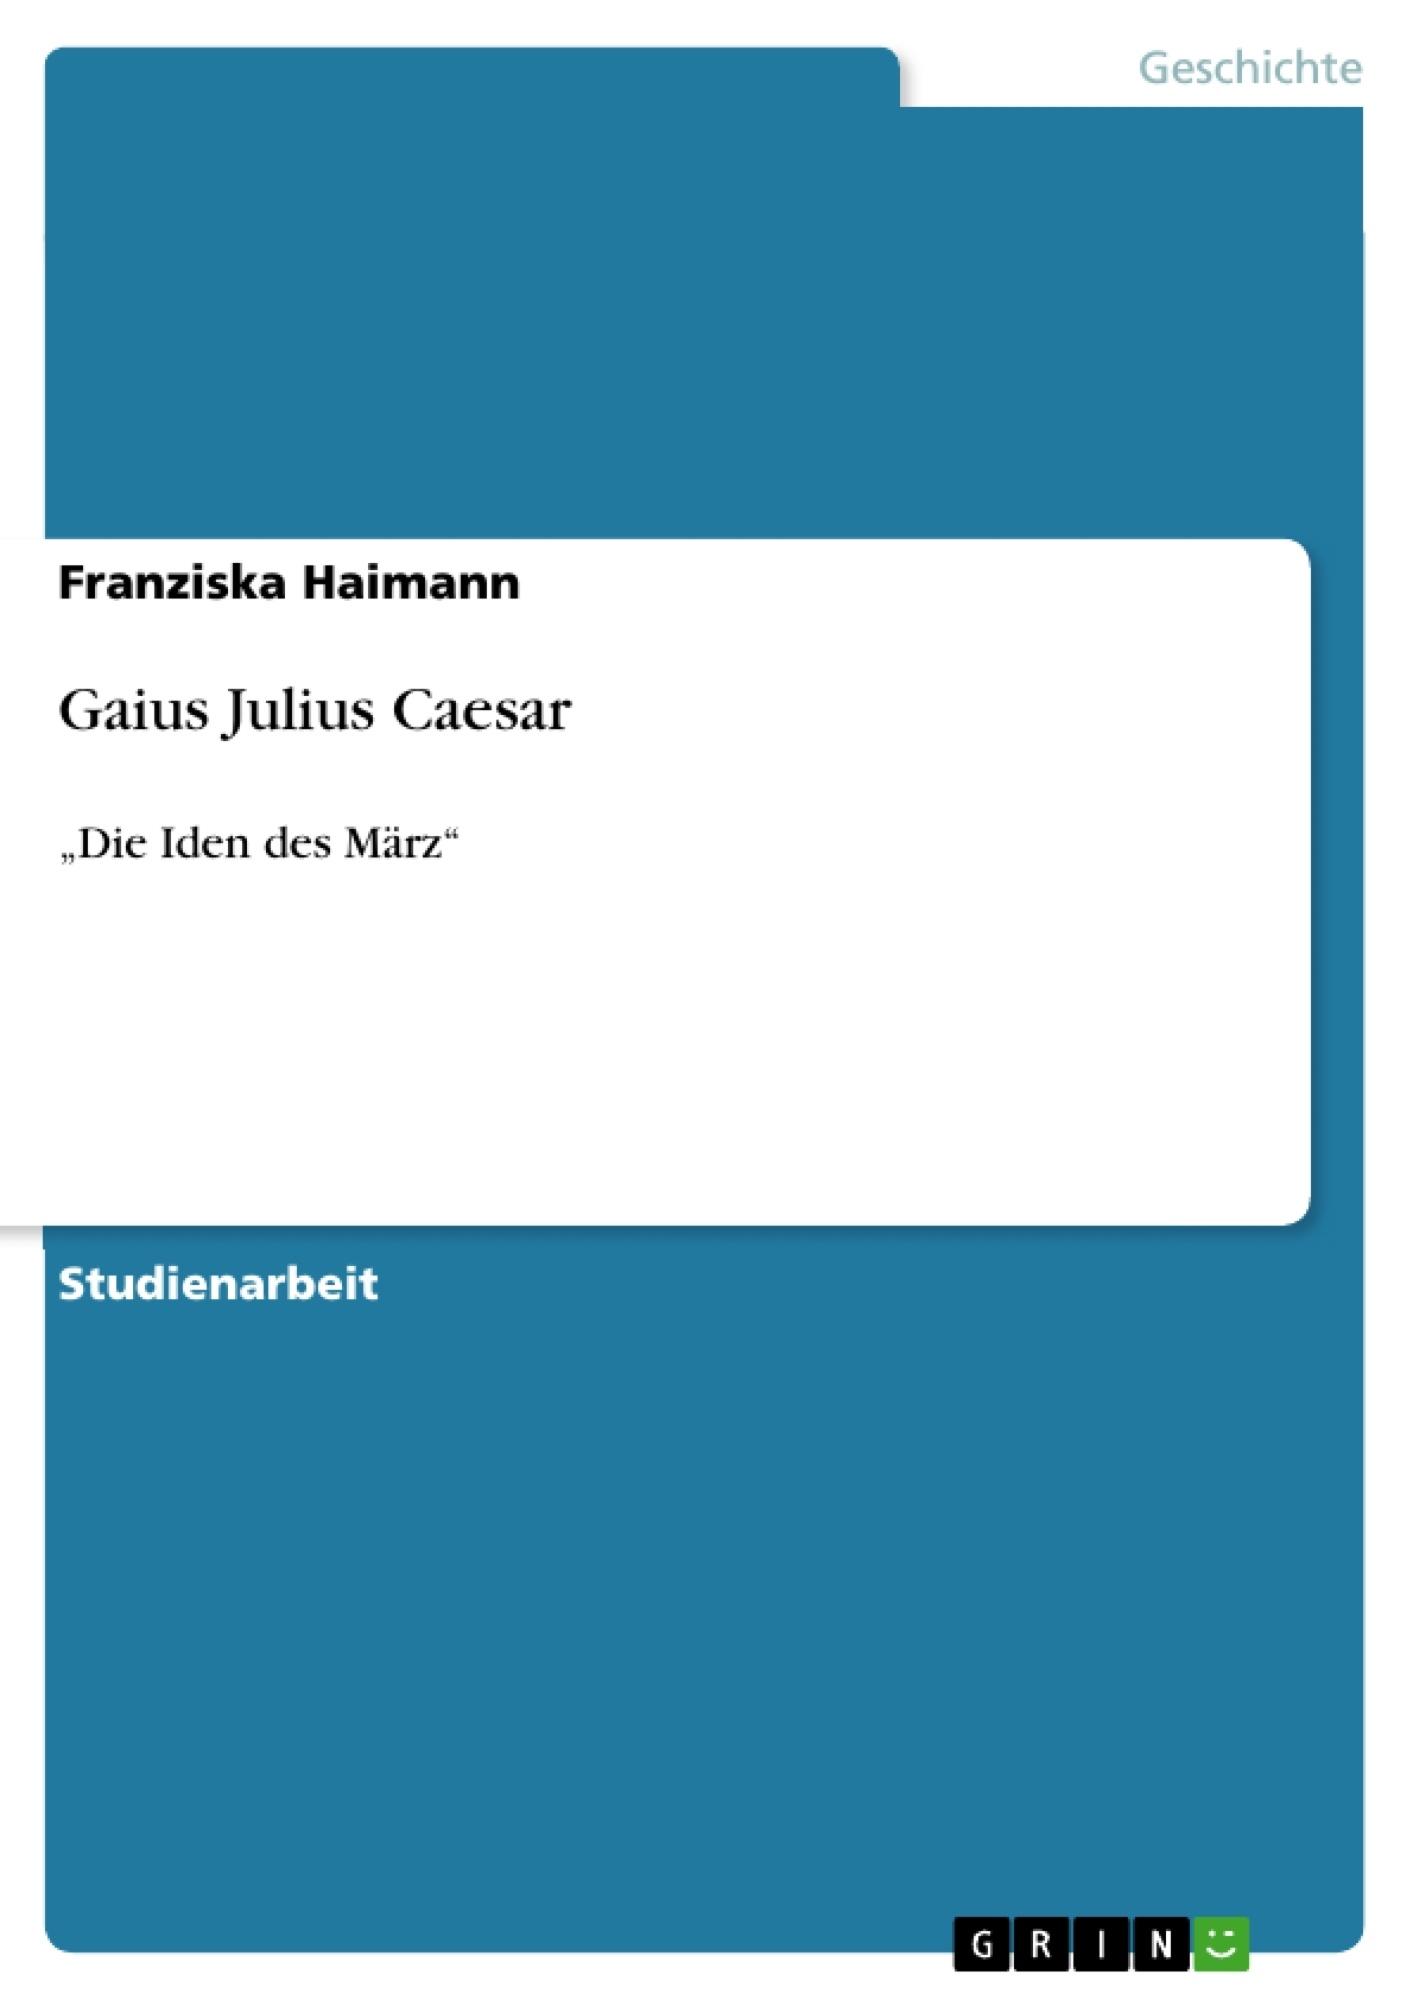 Titel: Gaius Julius Caesar